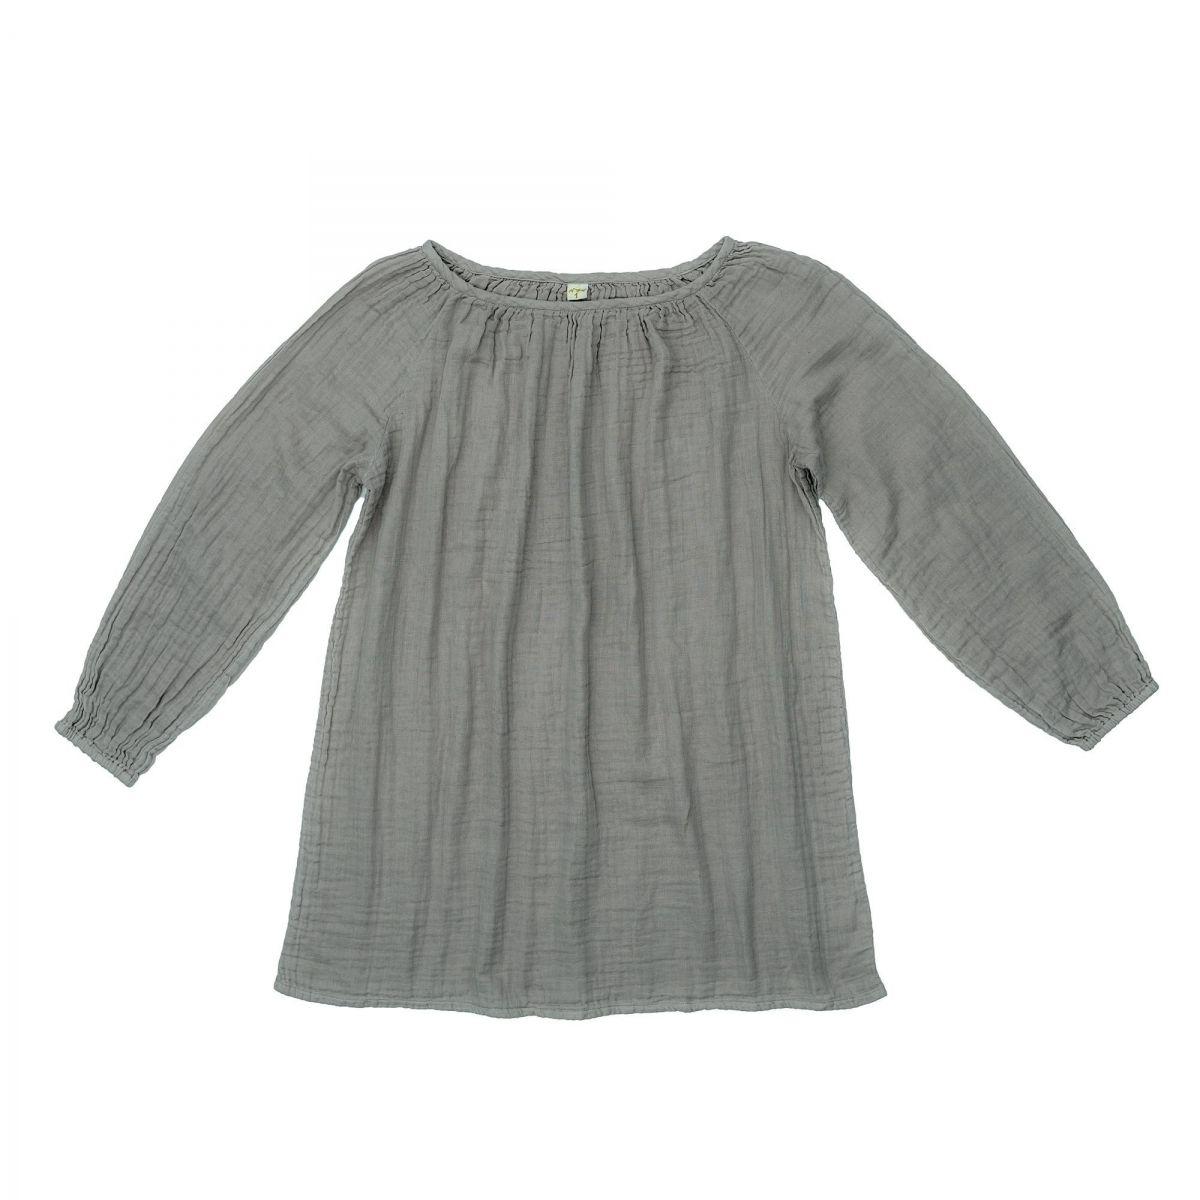 Numero 74 - Tunic for mum Nina silver grey - 1